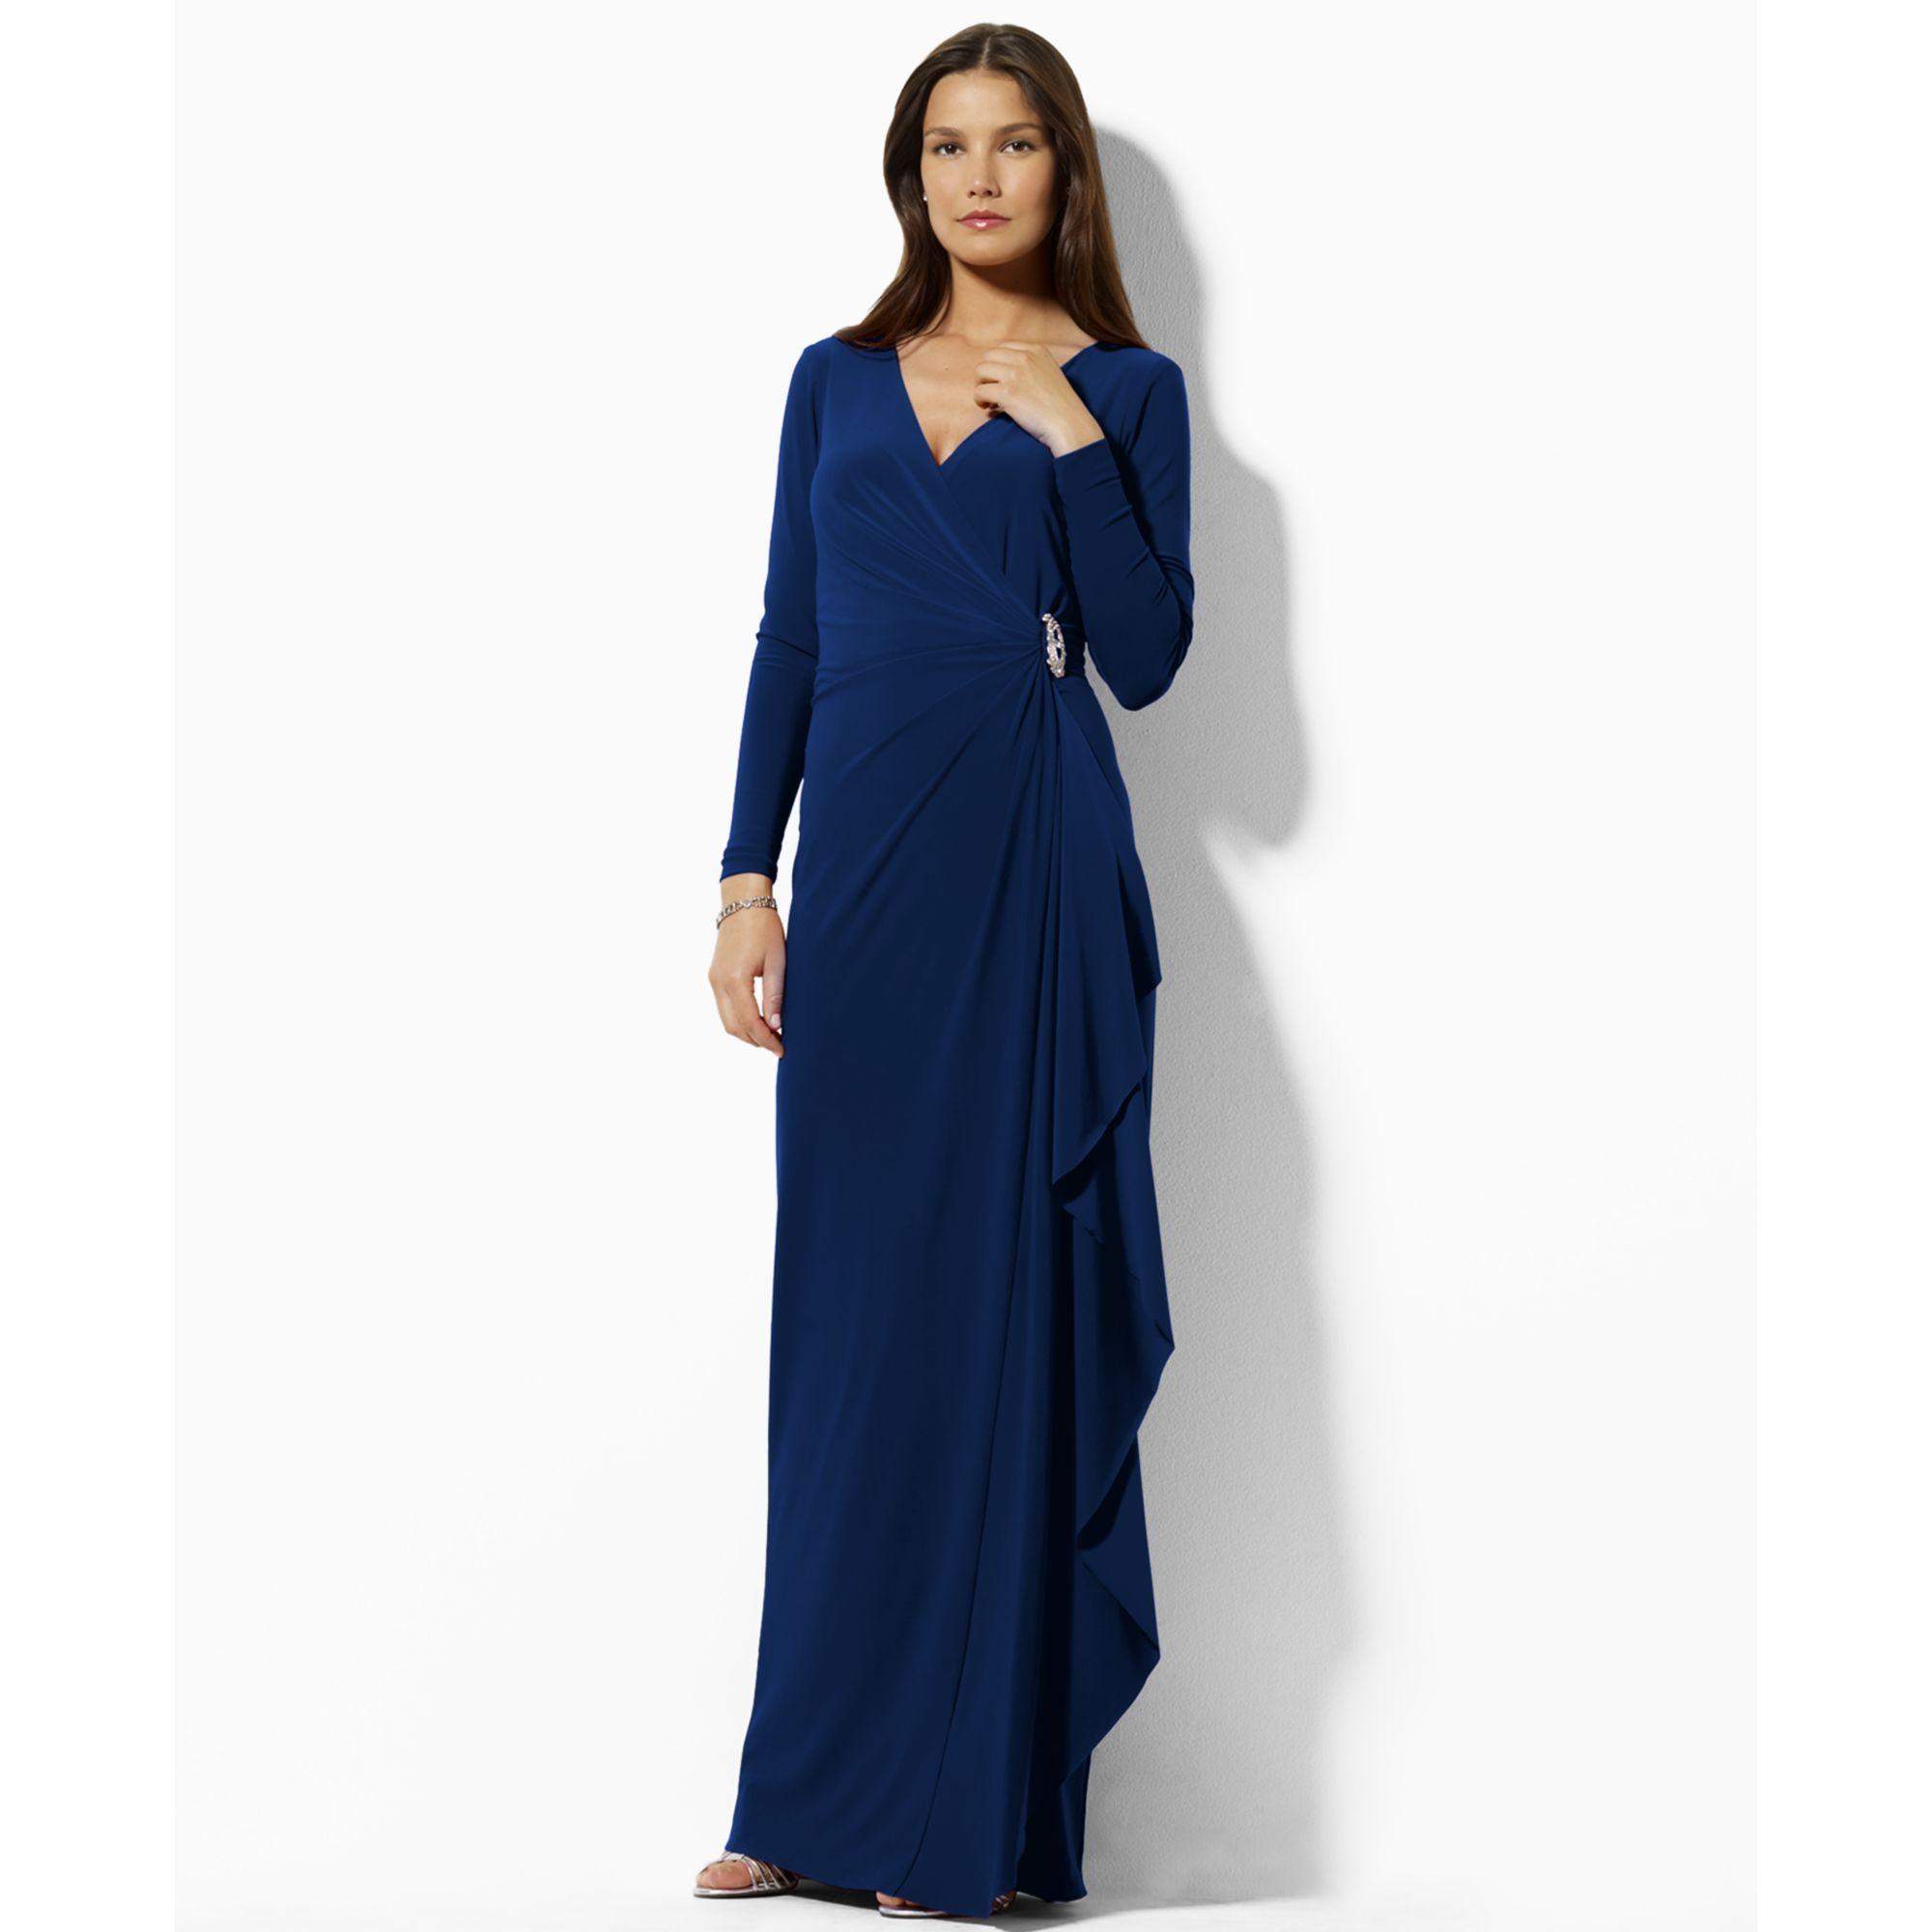 ralph lauren evening dress photo - 1